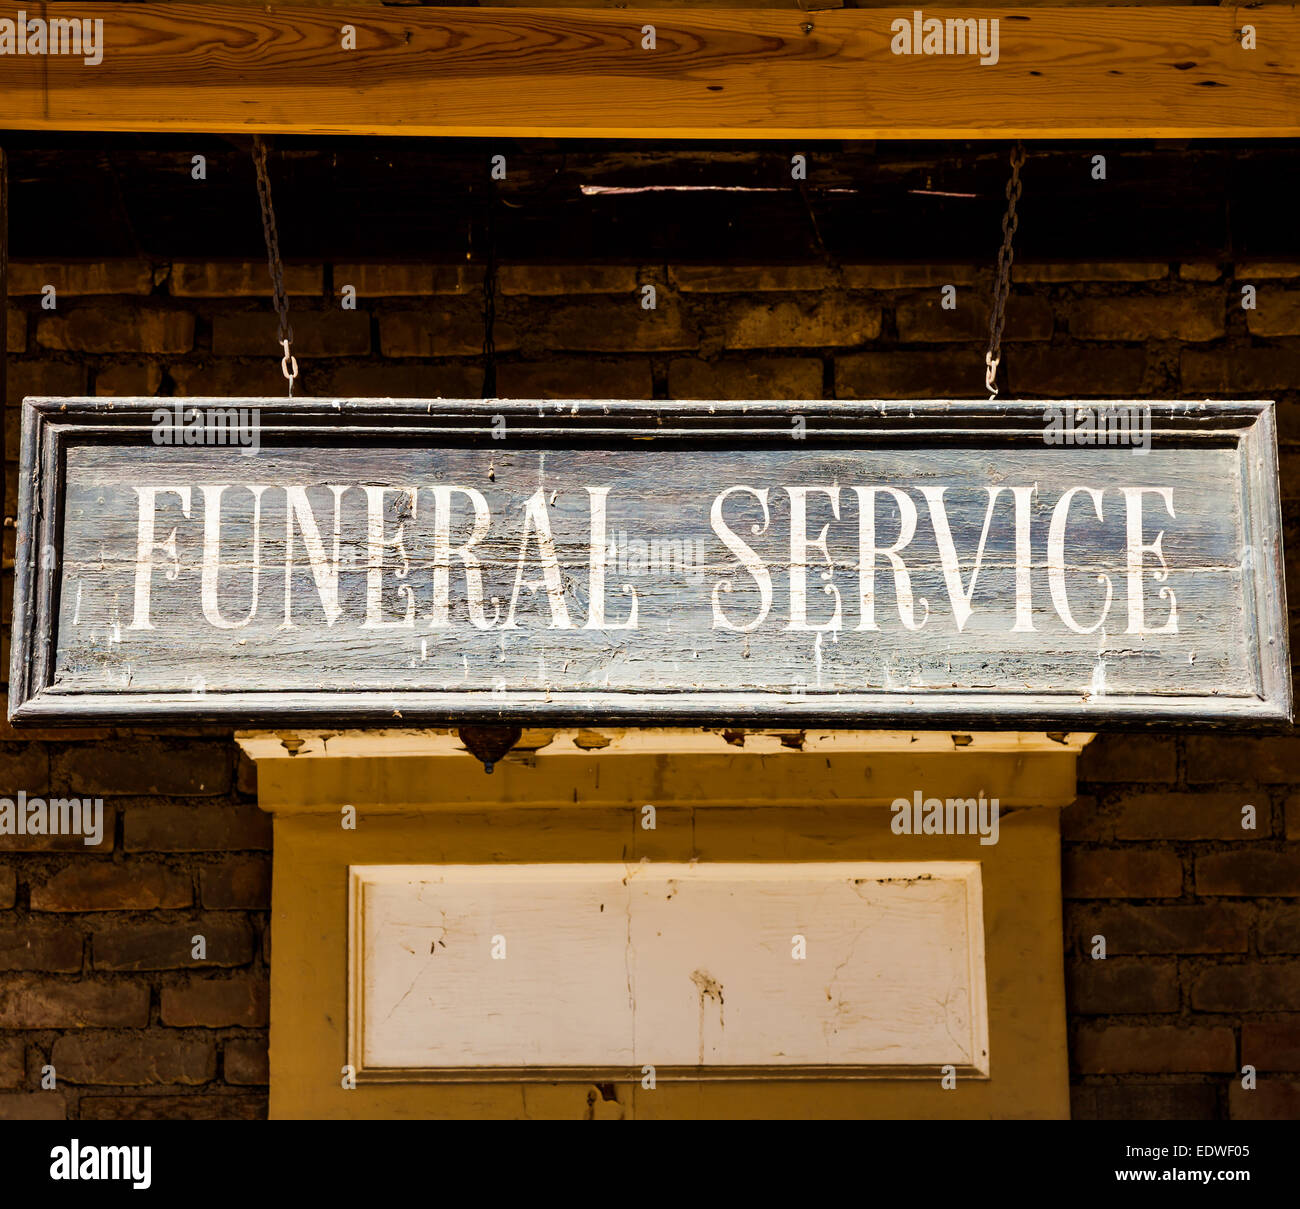 Vintage servizio funebre cartello fatta di legno. Buona per i concetti. Immagini Stock